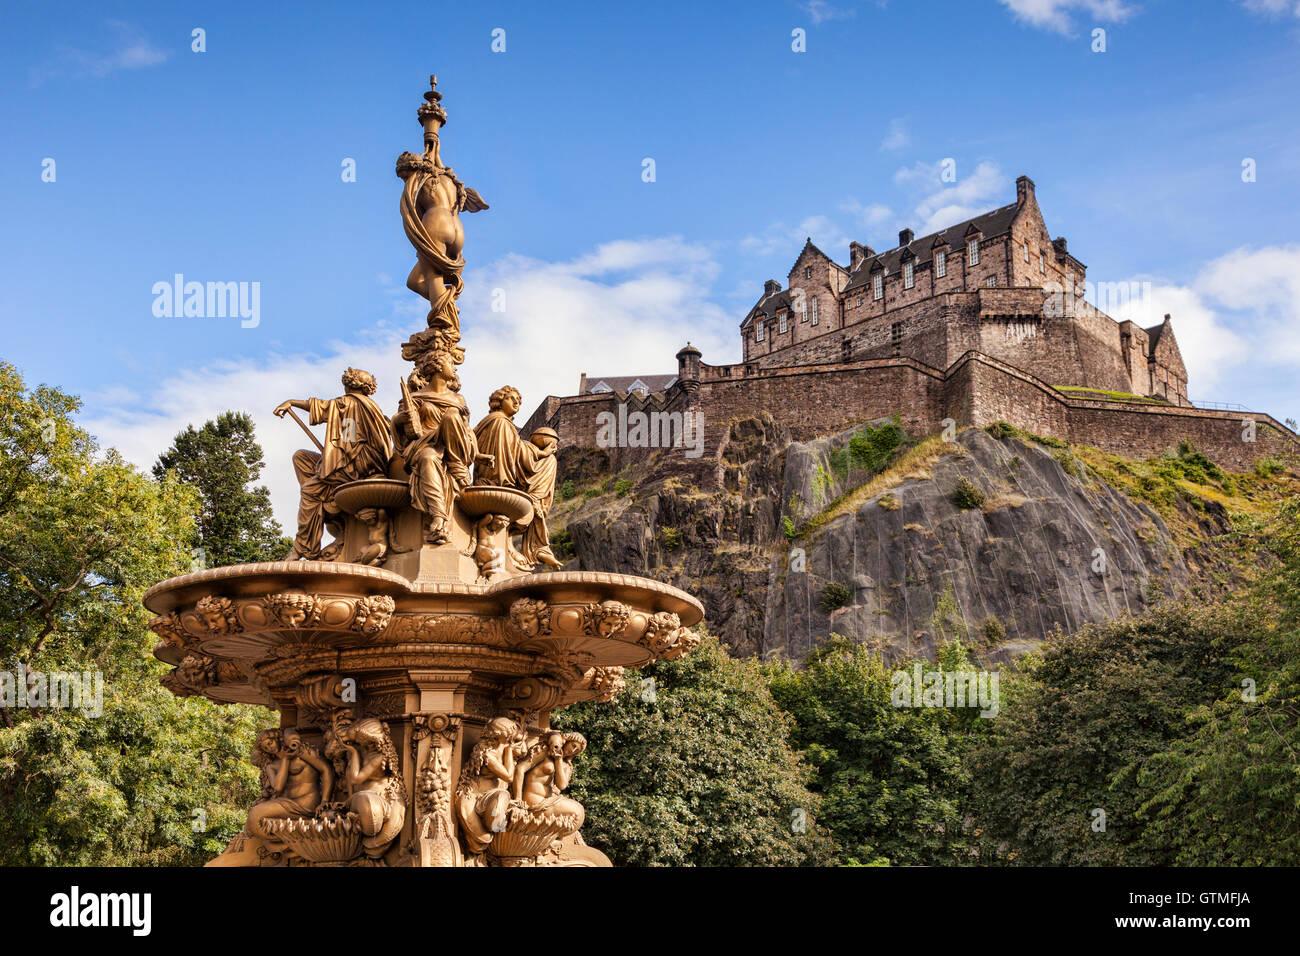 Le Ross fontaine dans les jardins de Princes Street et le château d'Édimbourg, Écosse, Royaume Photo Stock